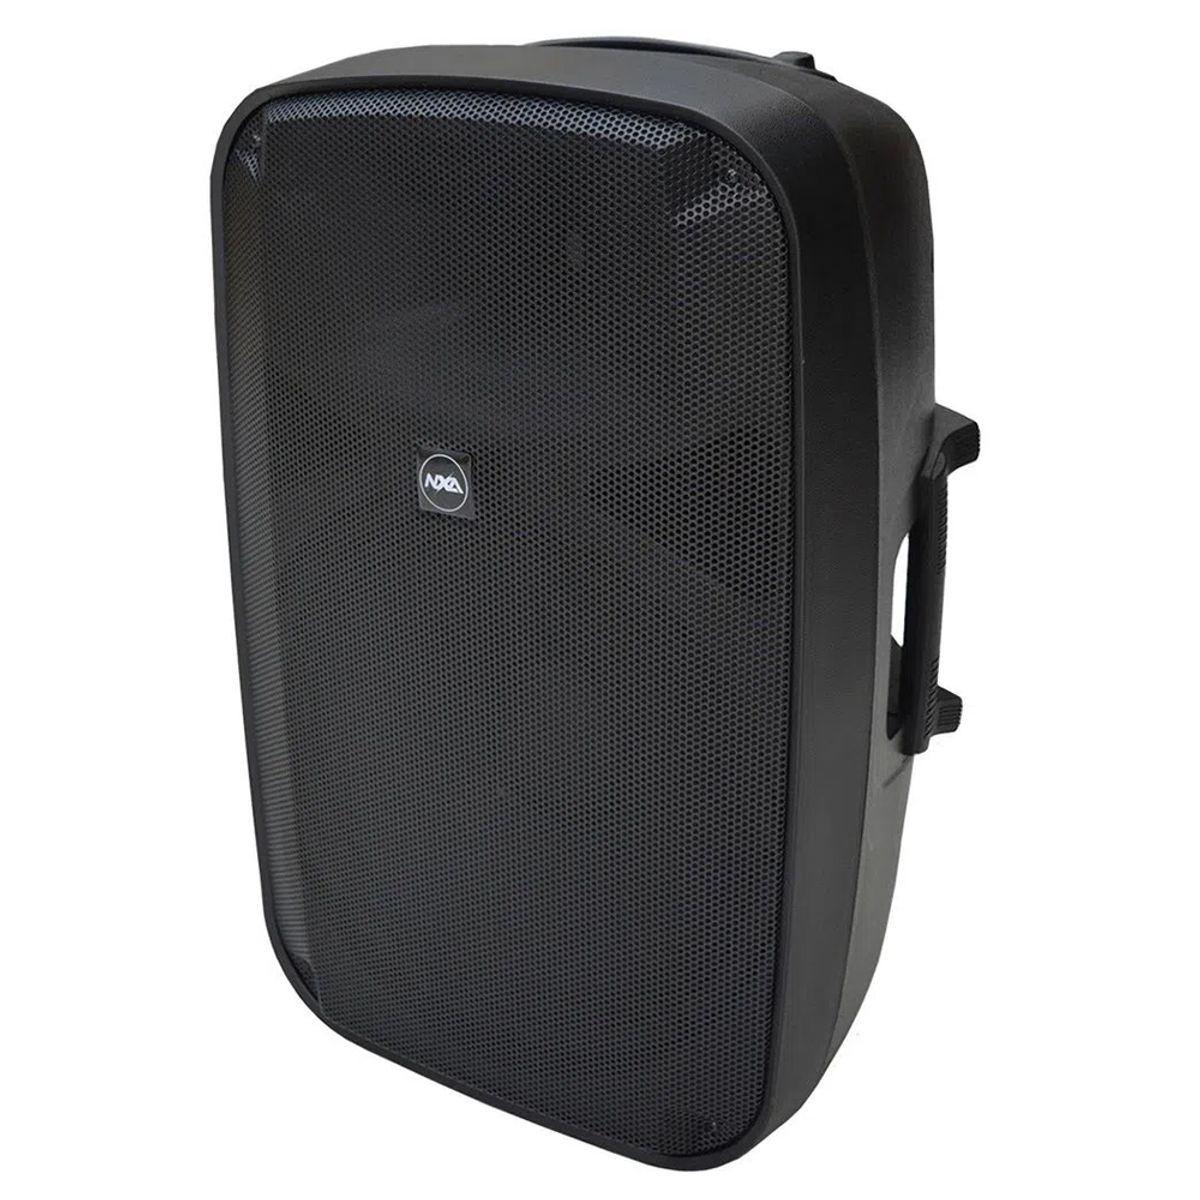 caixa-ativa-12-polegadas-com-usb-e-bluetooth-light-12a-nxa-1